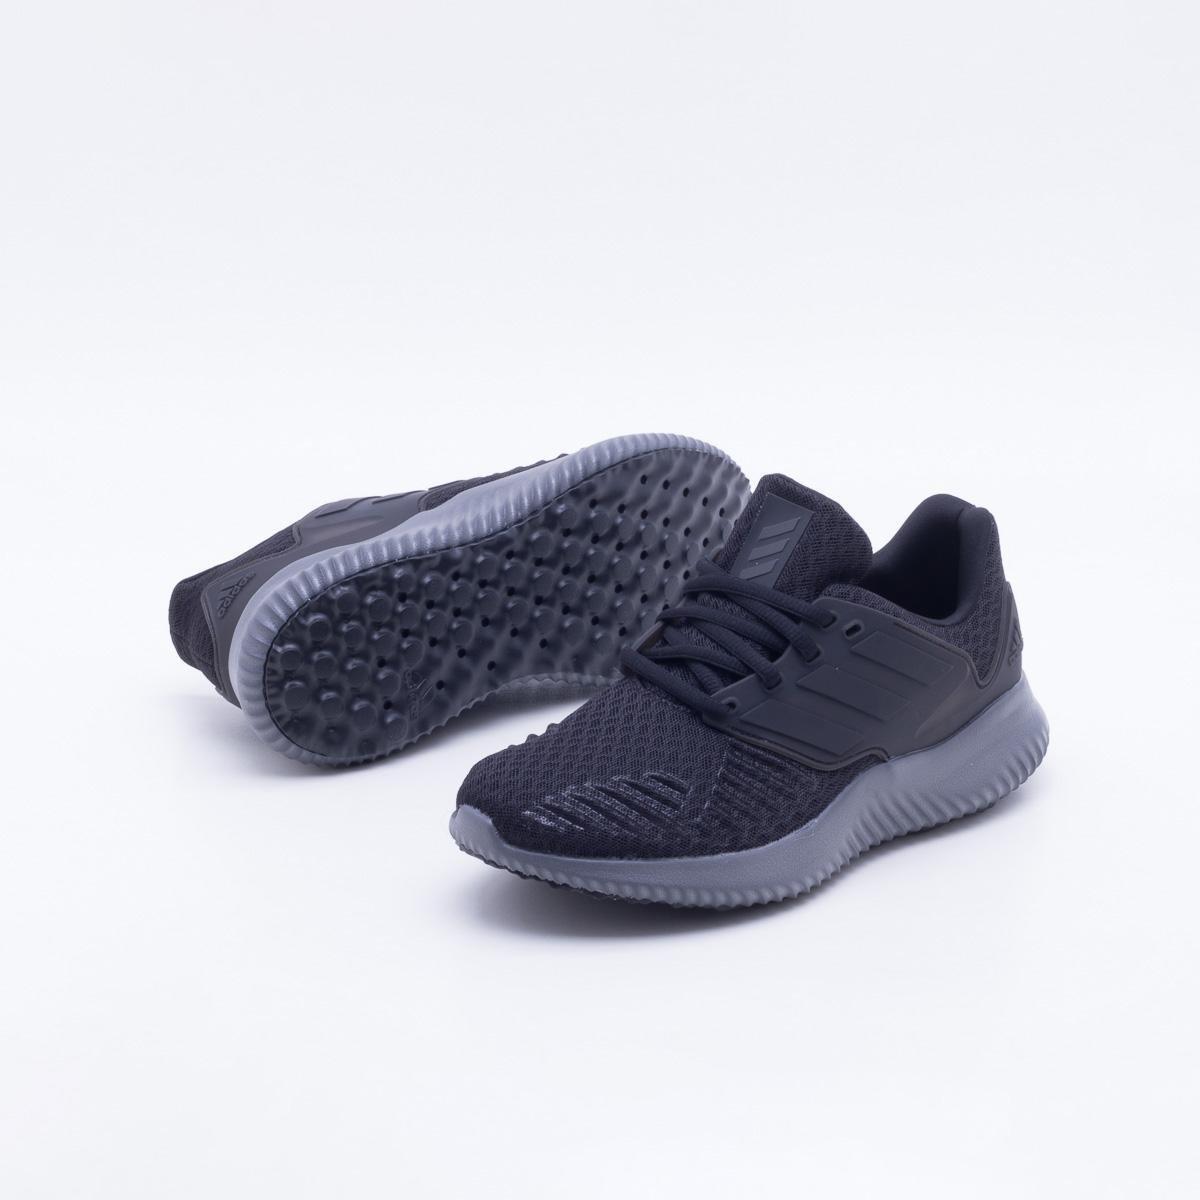 e Preto Tênis Alphabounce RC Feminino Alphabounce Preto Cinza Tênis Adidas Adidas Feminino RC FwRqZZ